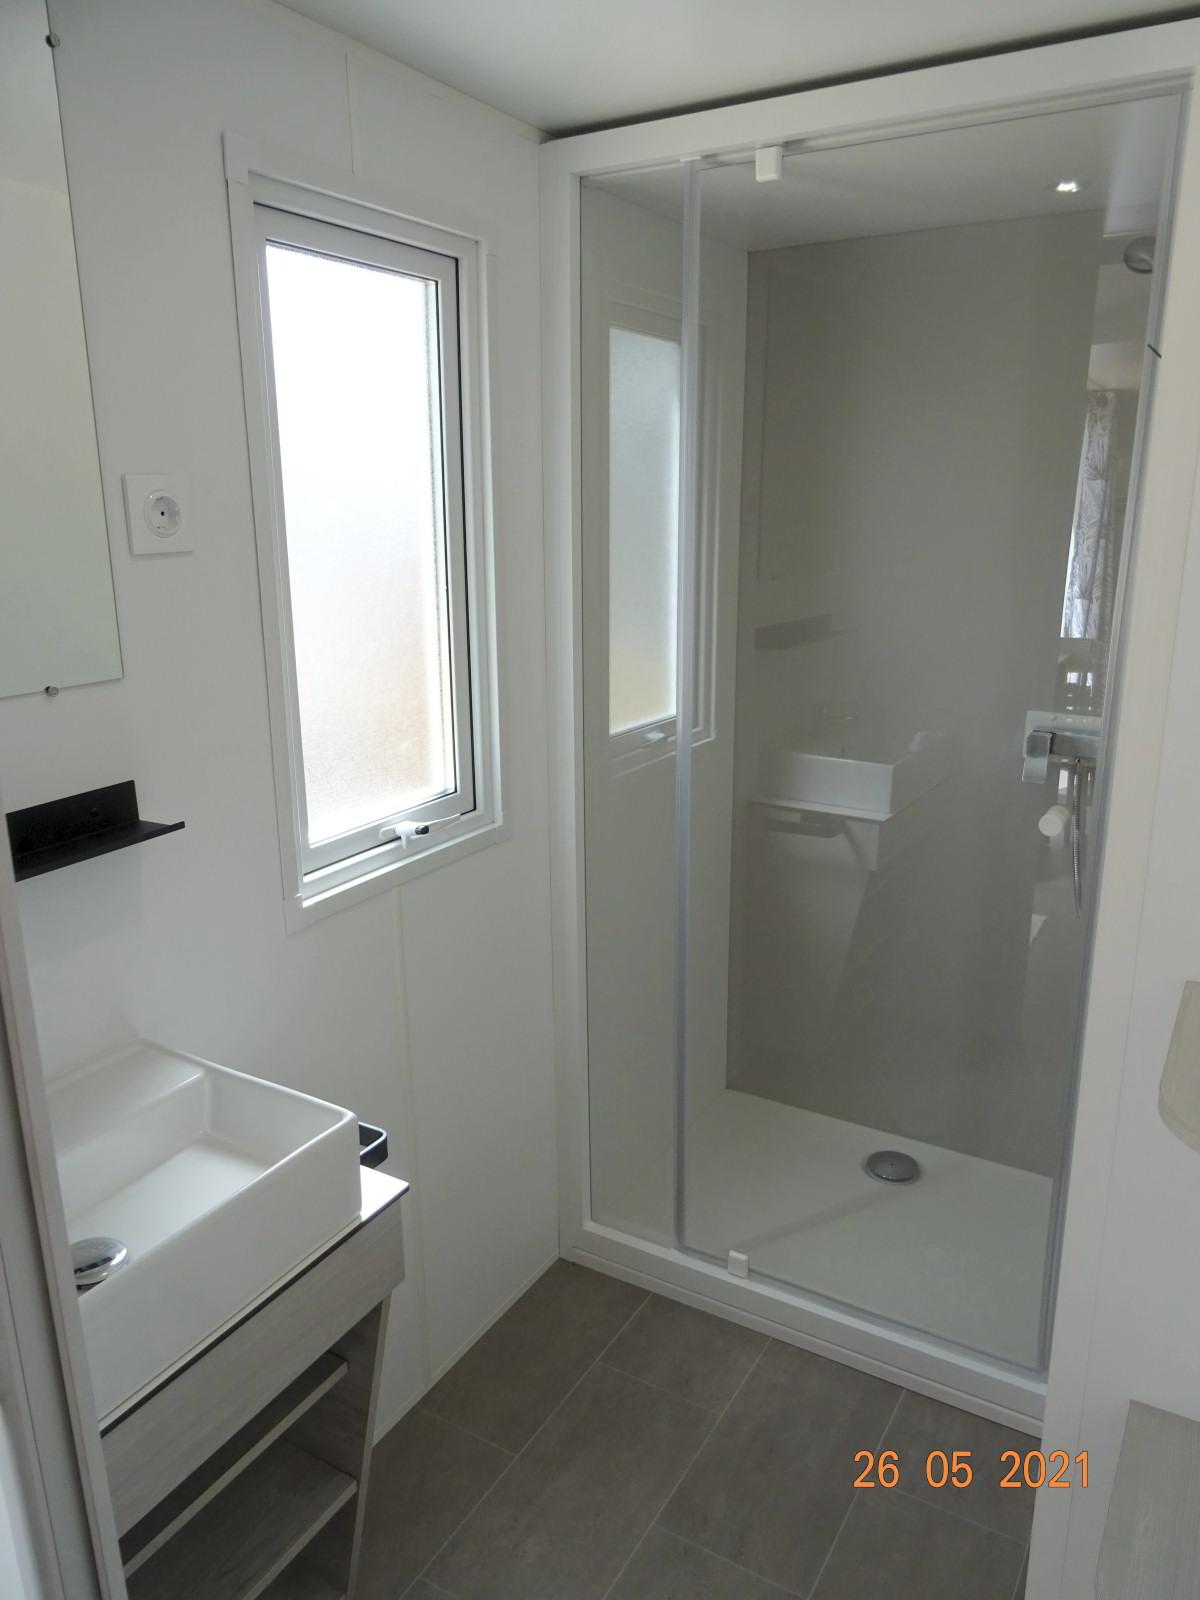 Sanitäres, neues Mobilheim mit 2 Schlafzimmern